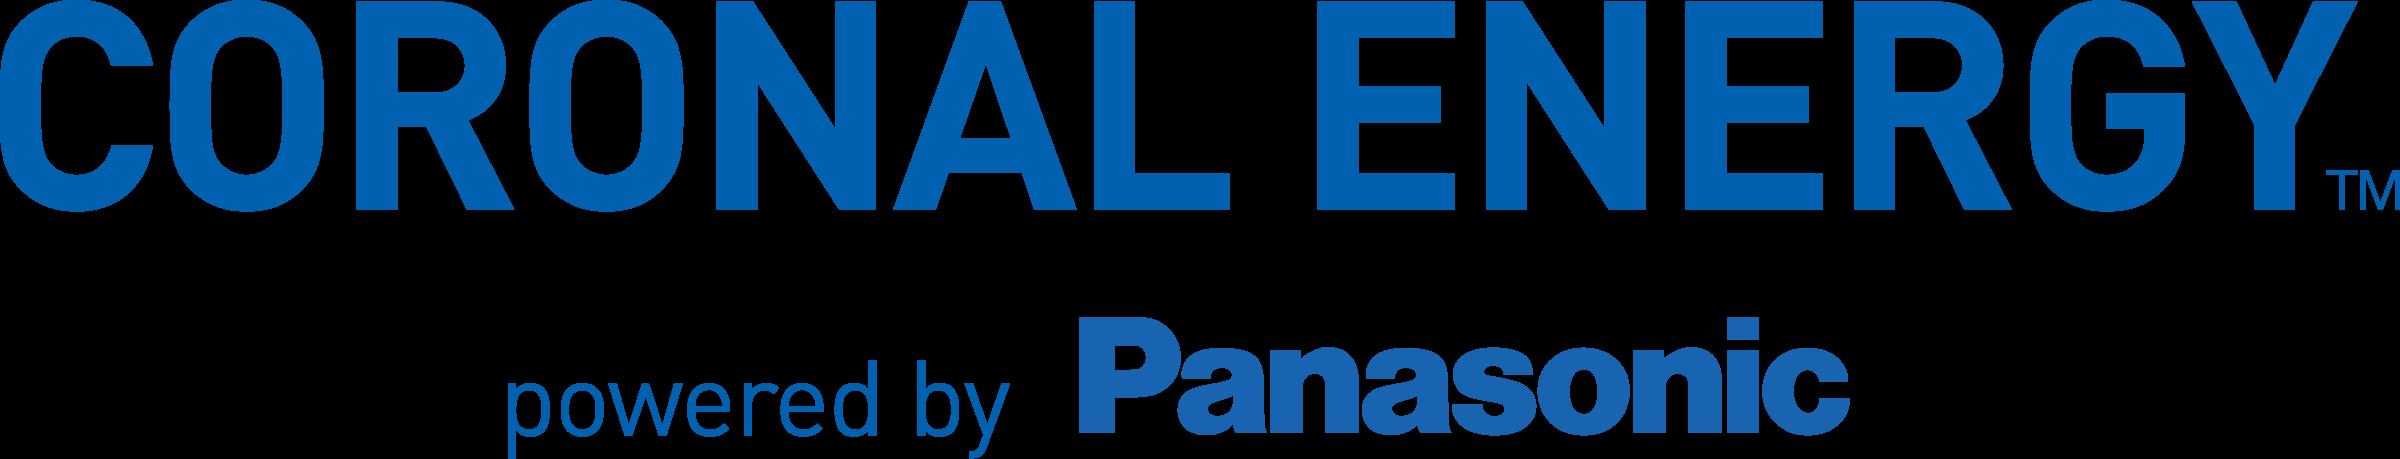 coronal_energy_logo.png